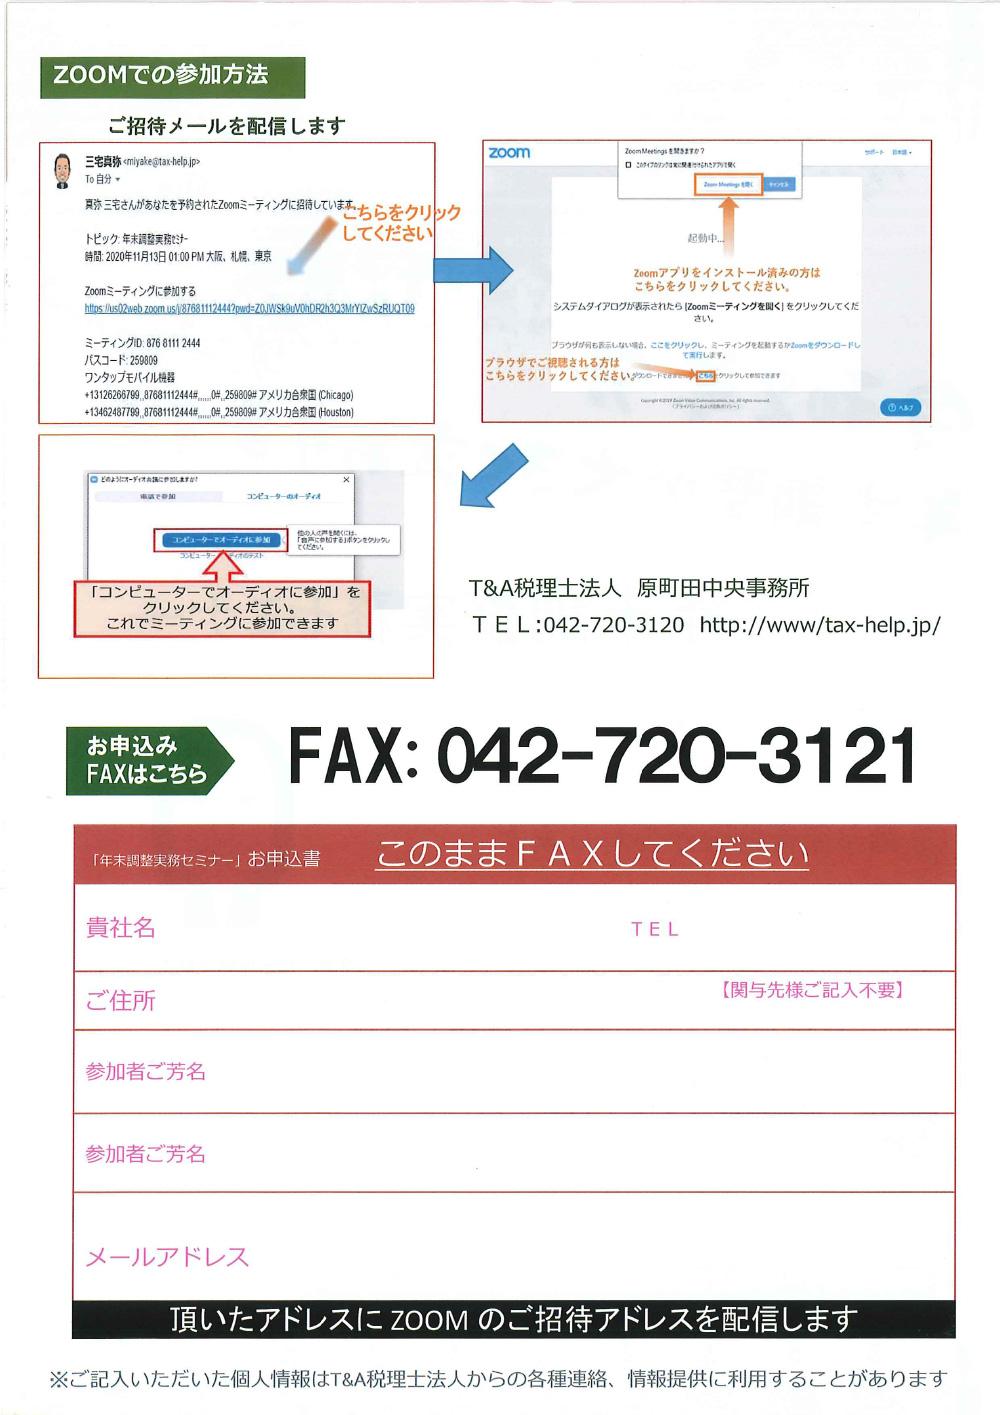 セミナーパンフレット-2.jpg